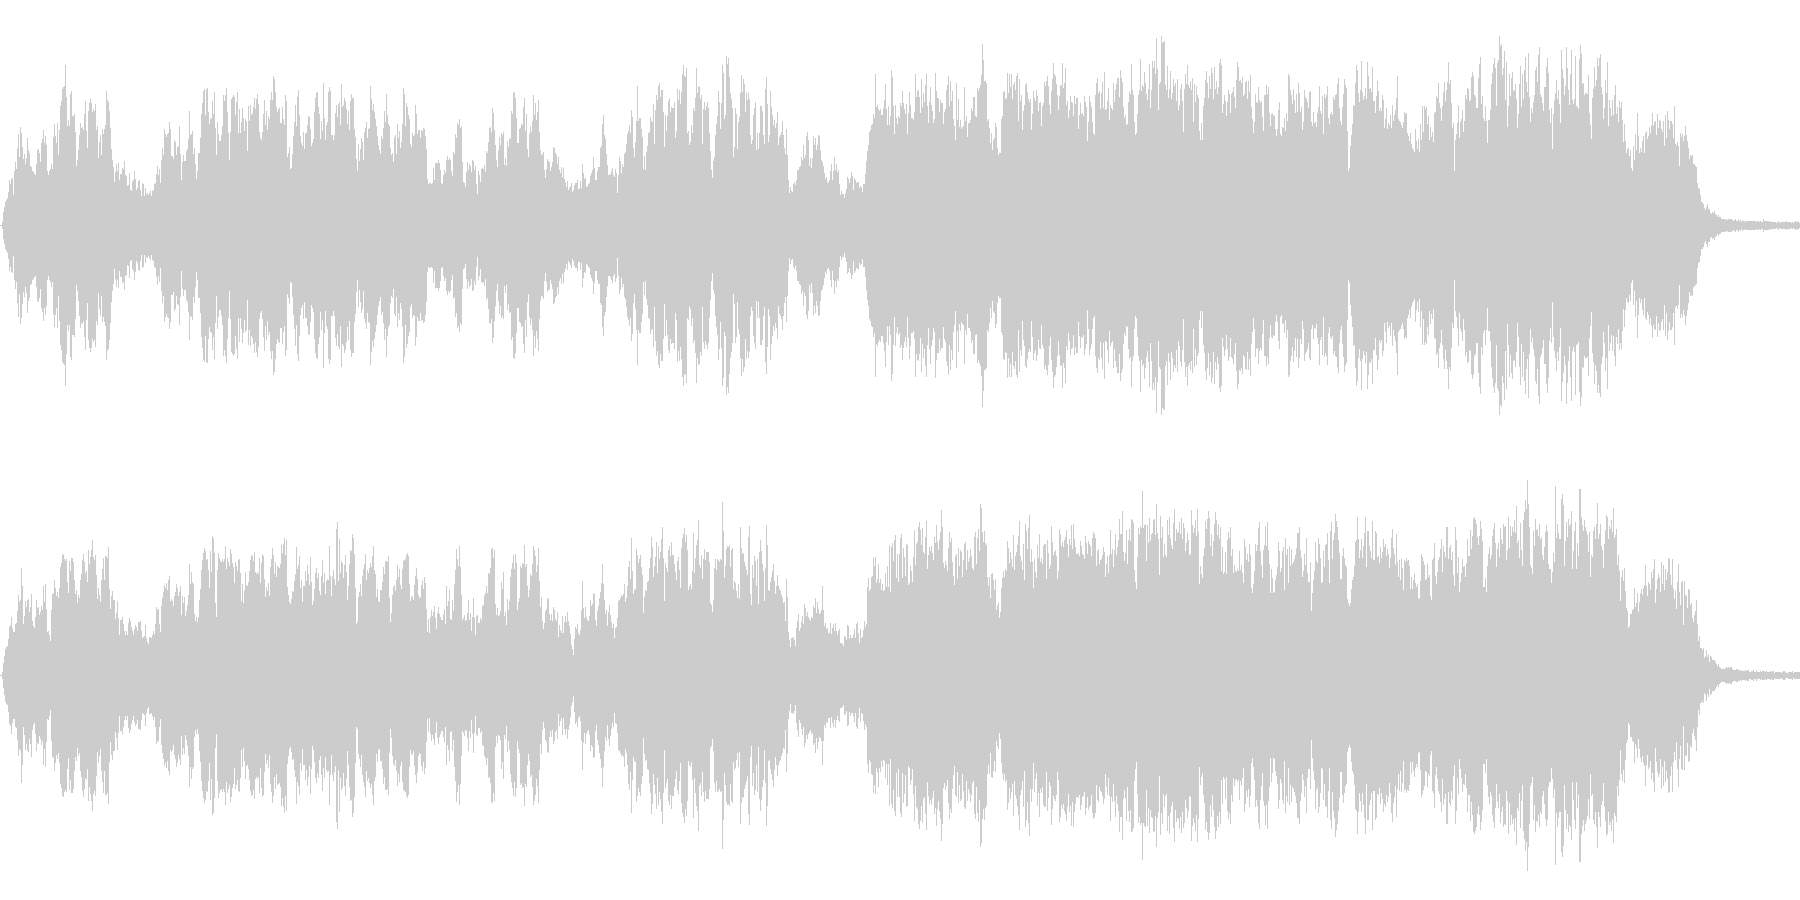 幻想的なボーカルとピアノ曲の未再生の波形